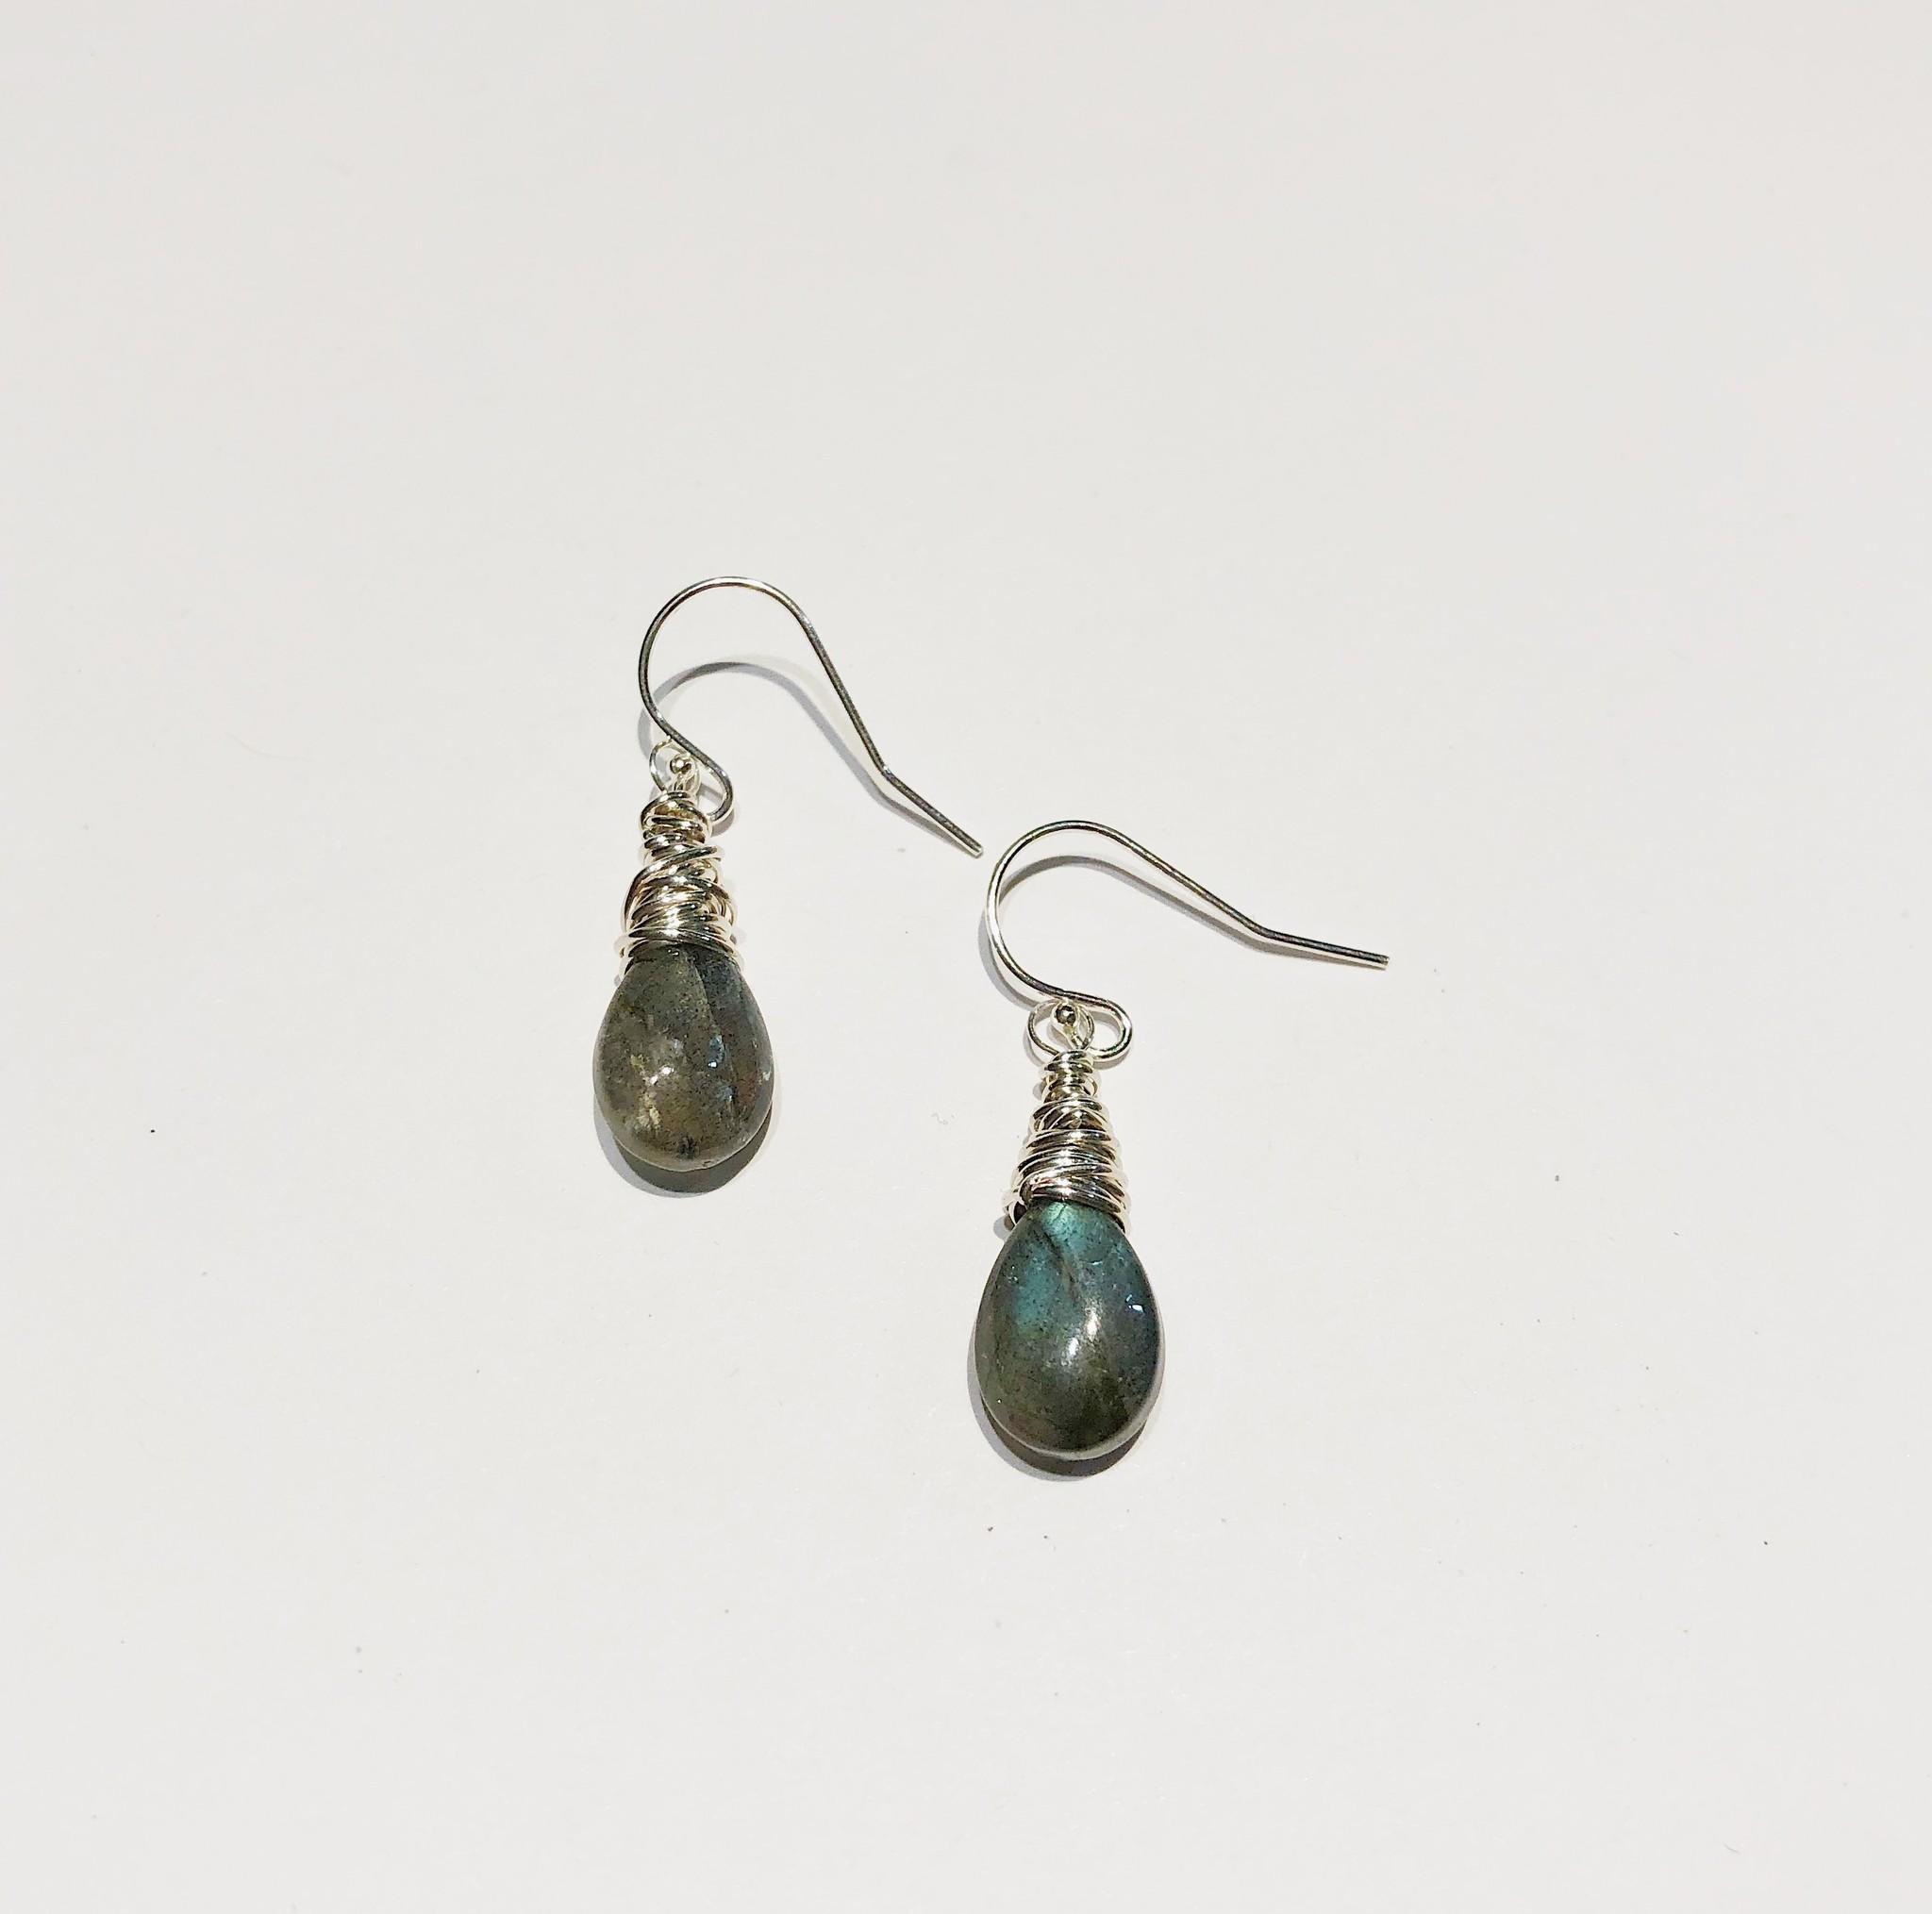 Dianne Rodger Silver Petal Earrings- Labradorite